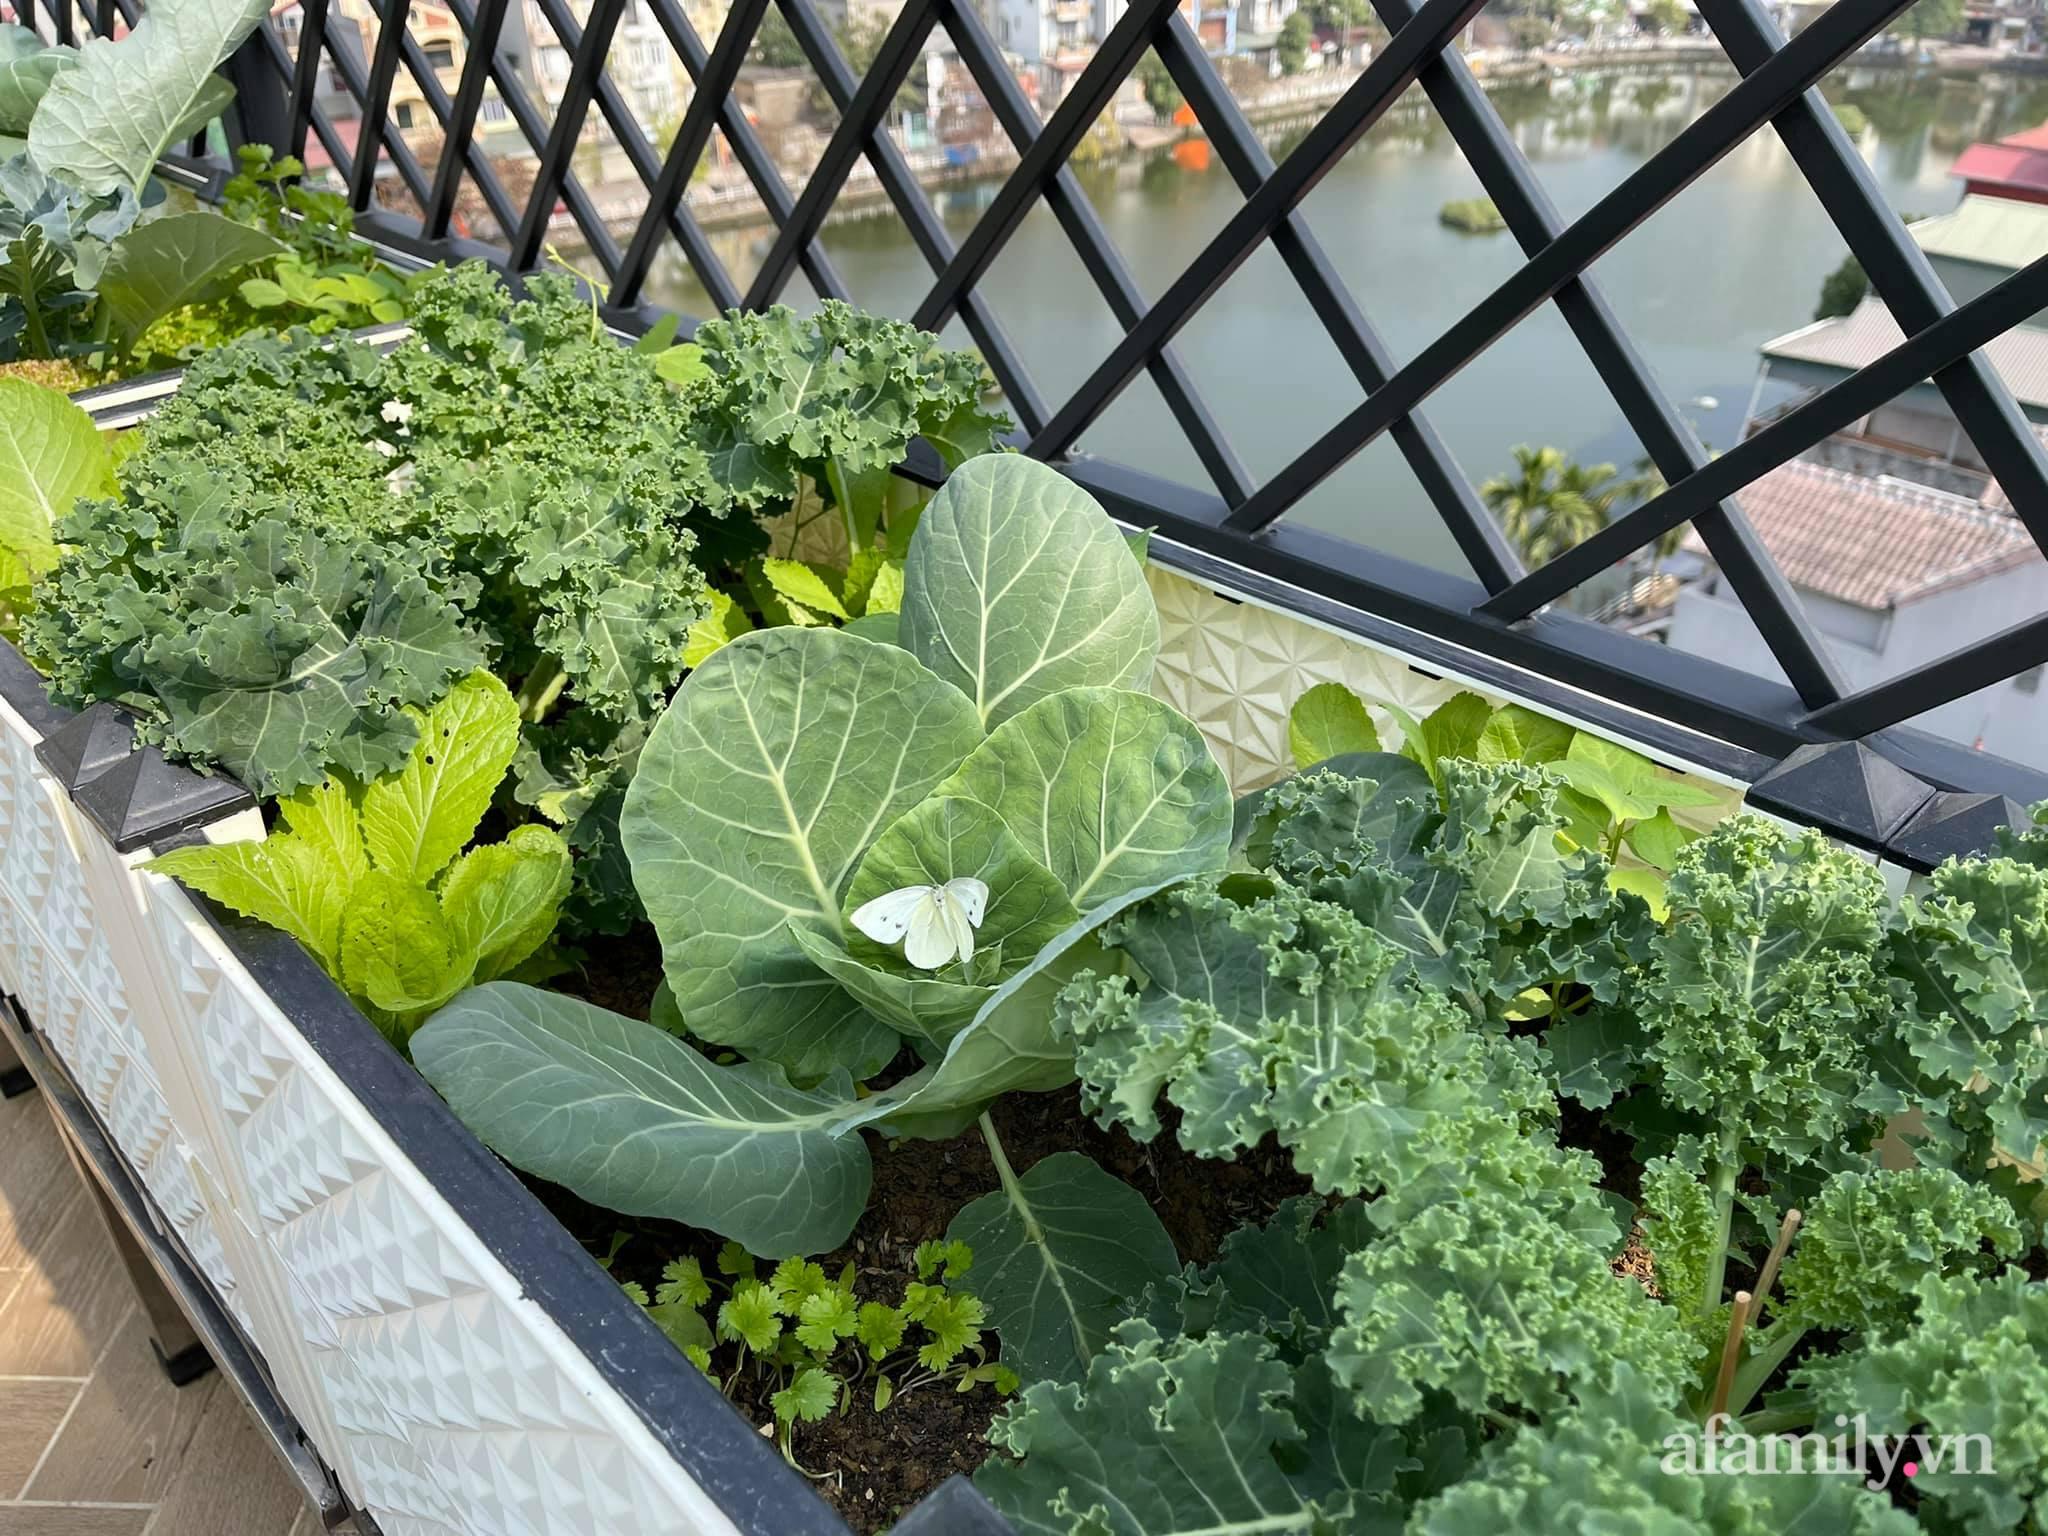 Sân thượng 83m² phủ kín rau quả sạch chỉ sau gần 1 tháng gieo trồng của cô giáo về hưu ở Hà Nội - Ảnh 3.